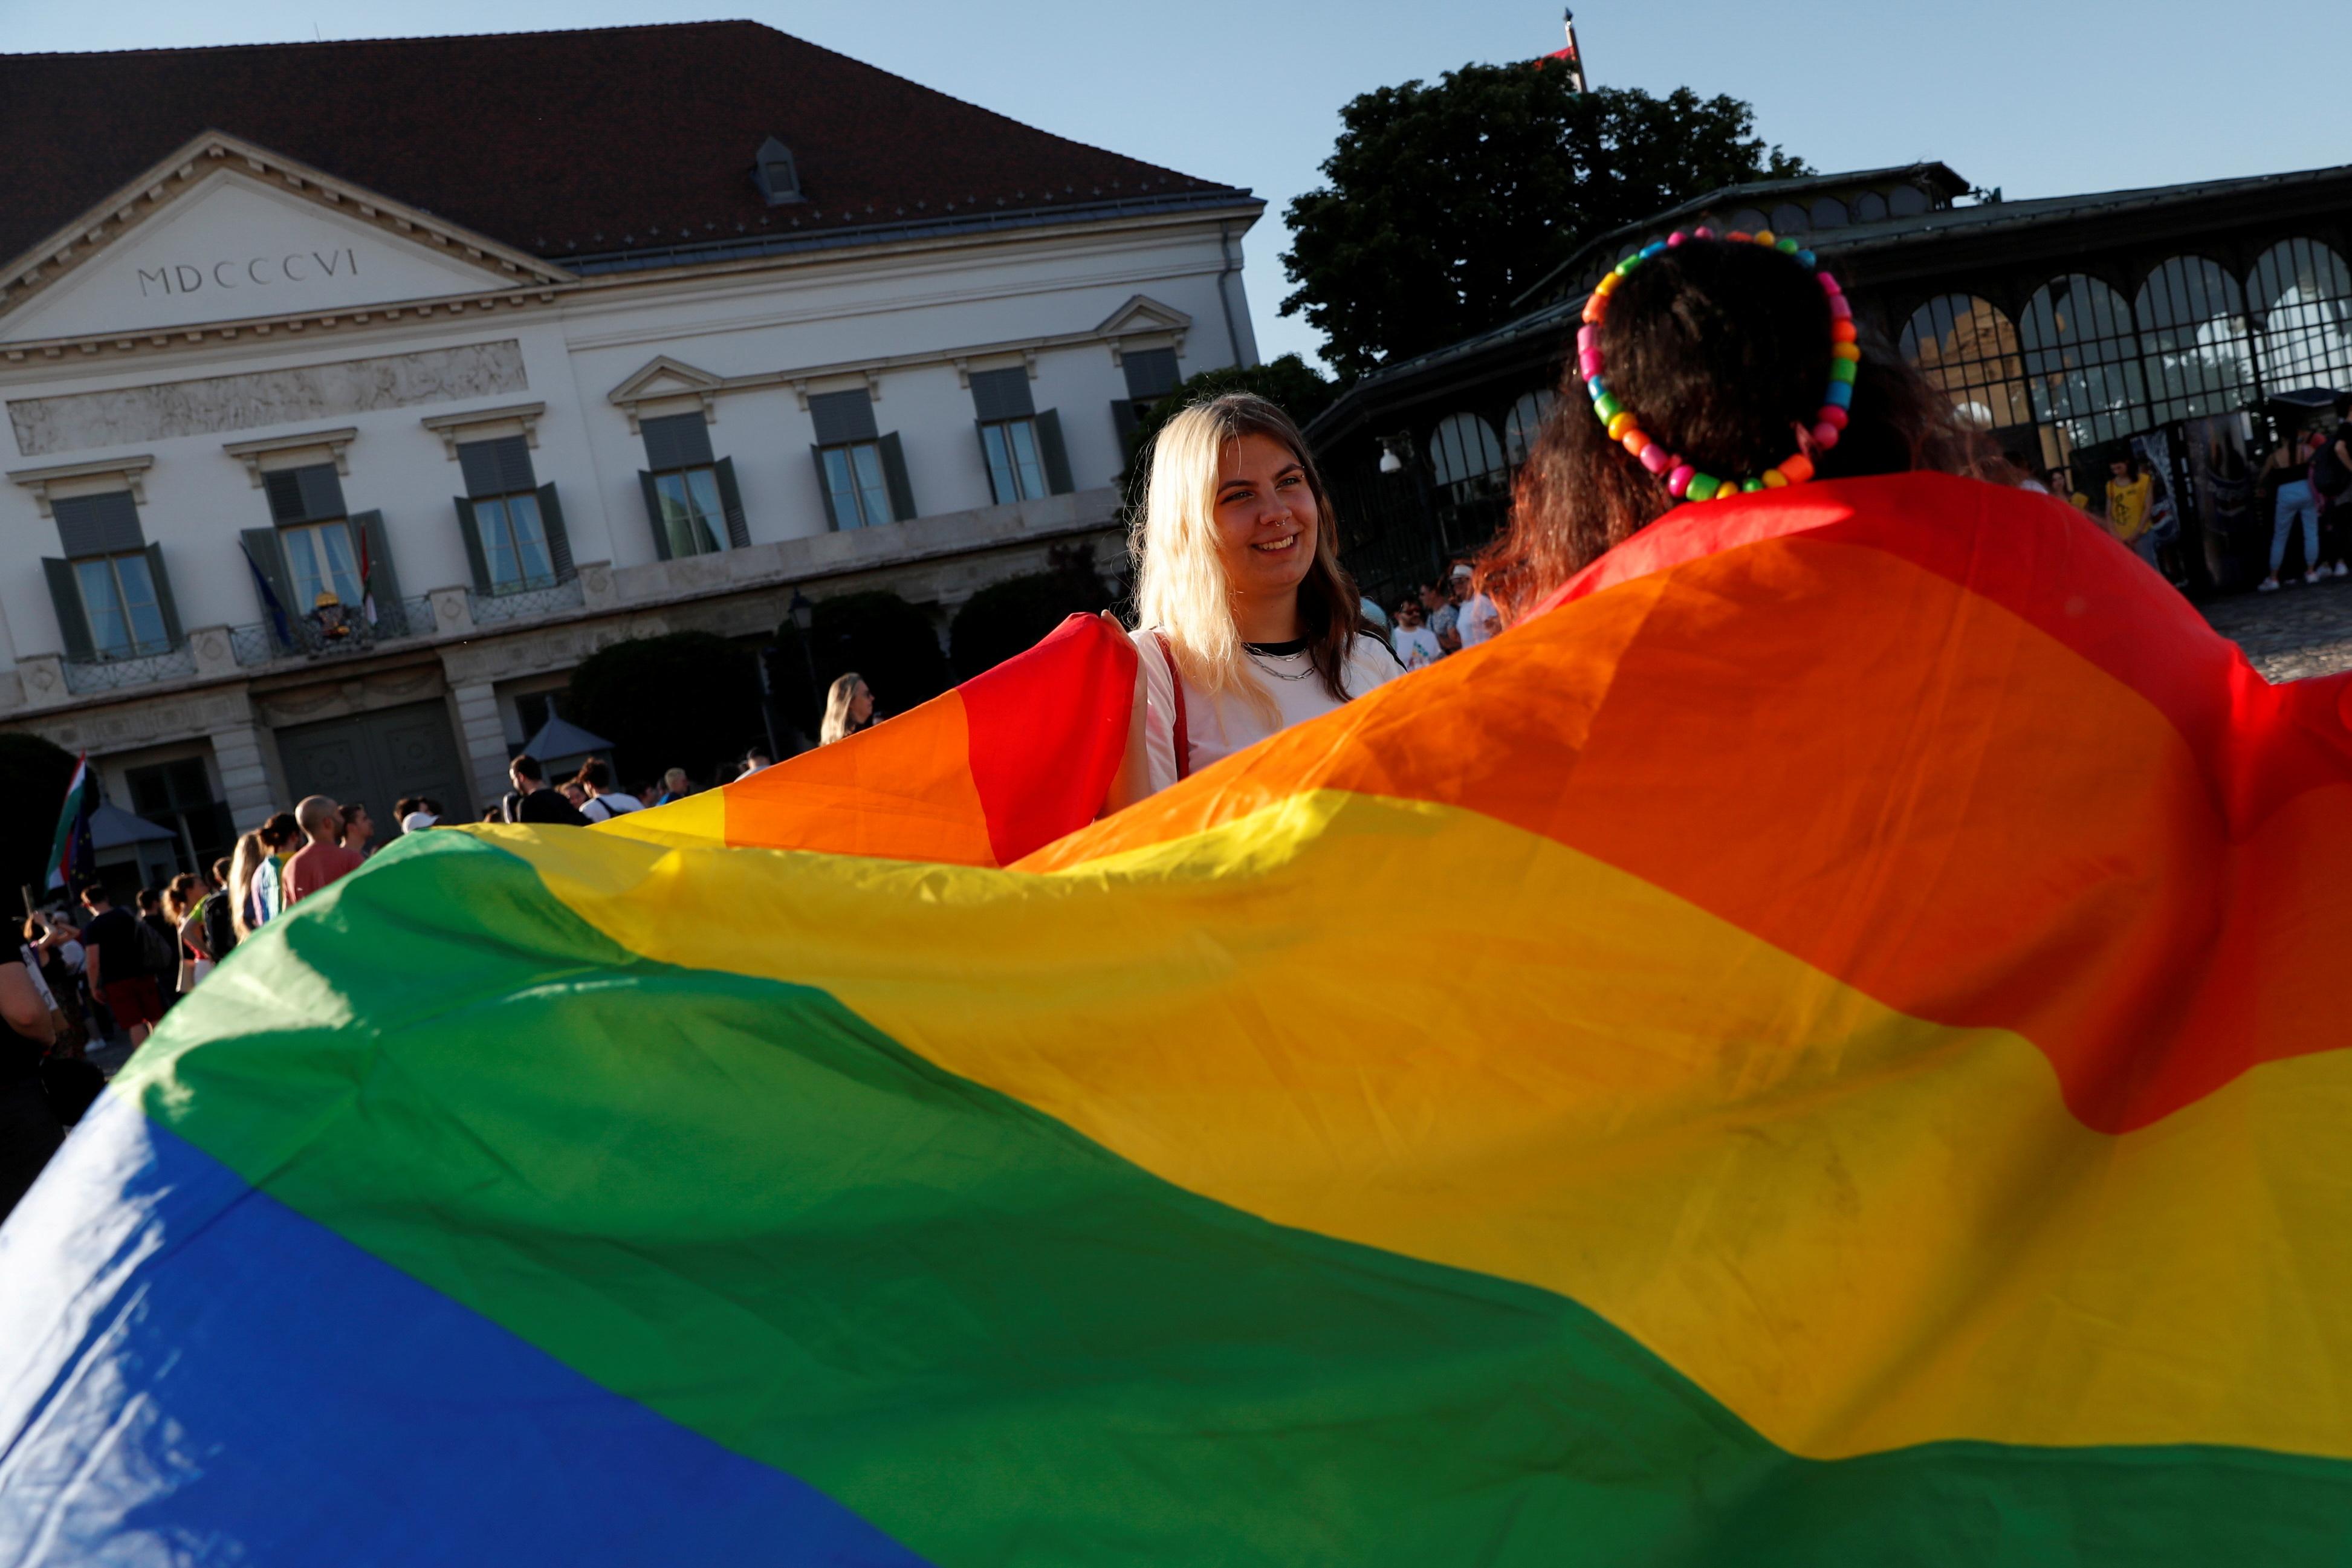 Дэманстранты ўдзельнічаюць у акцыі пратэсту супраць закона, які забараняе ўтрыманне ЛГБТК у школах і СМІ ў Прэзідэнцкім палацы ў Будапешце, Венгрыя, 16 чэрвеня 2021 г. REUTERS / Бернадет Сабо / Файл Фота